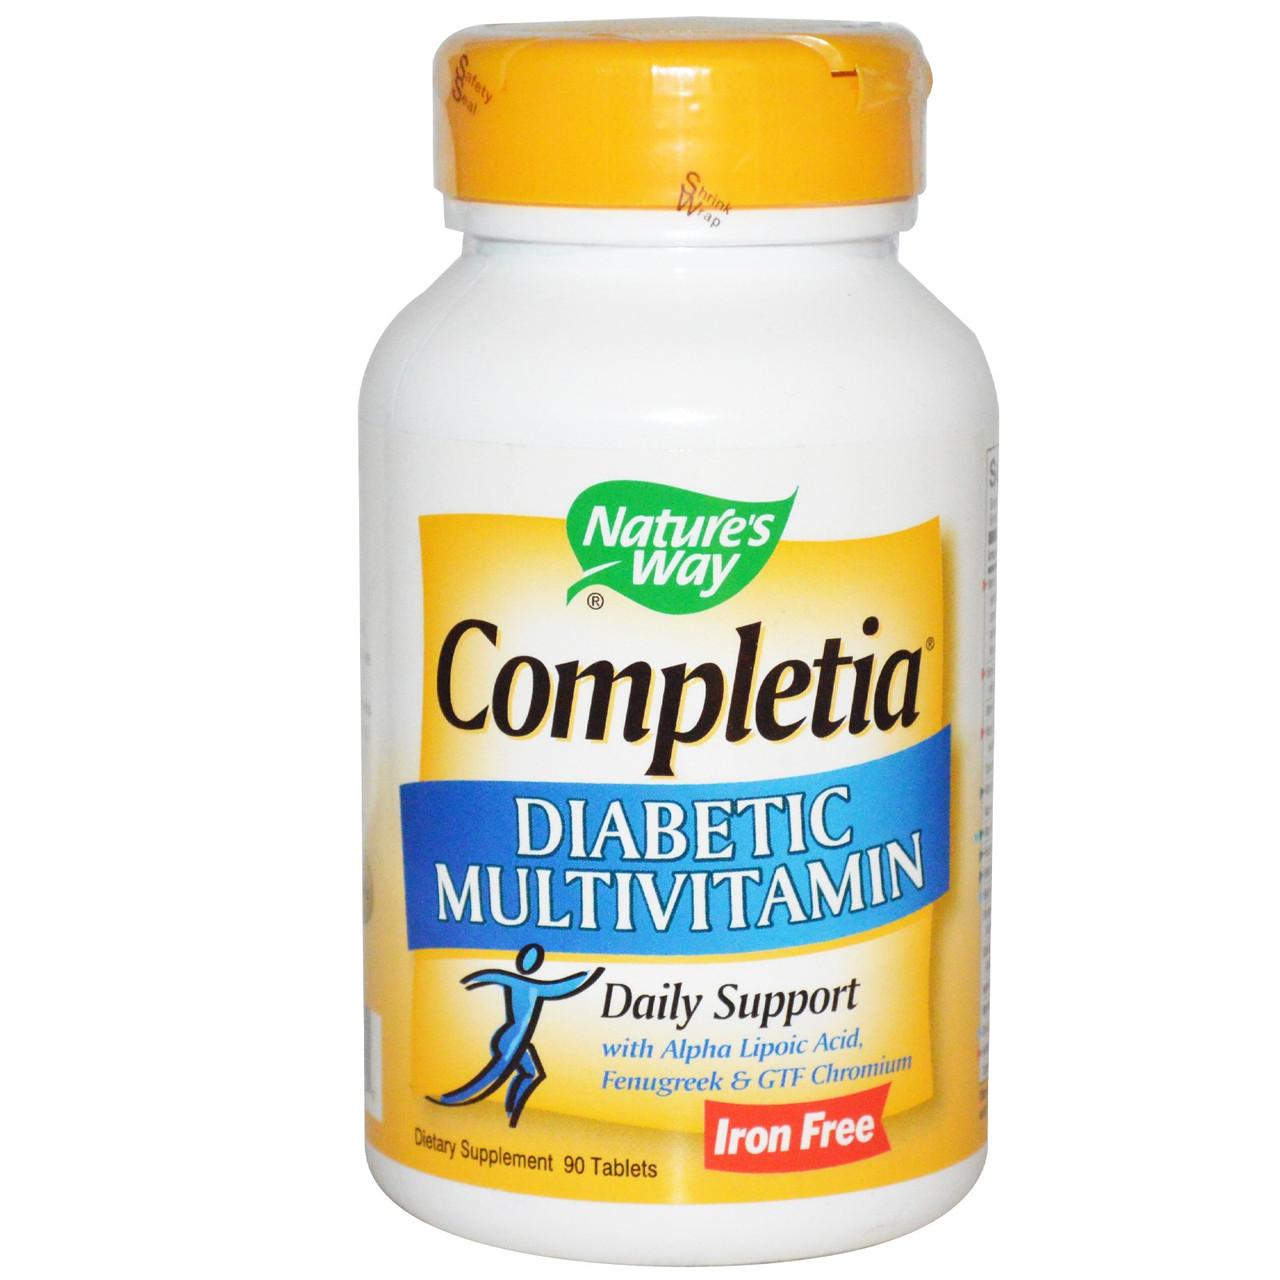 Витамины для диабетиков Nature's Way, Completia, без железа, 90 таблеток